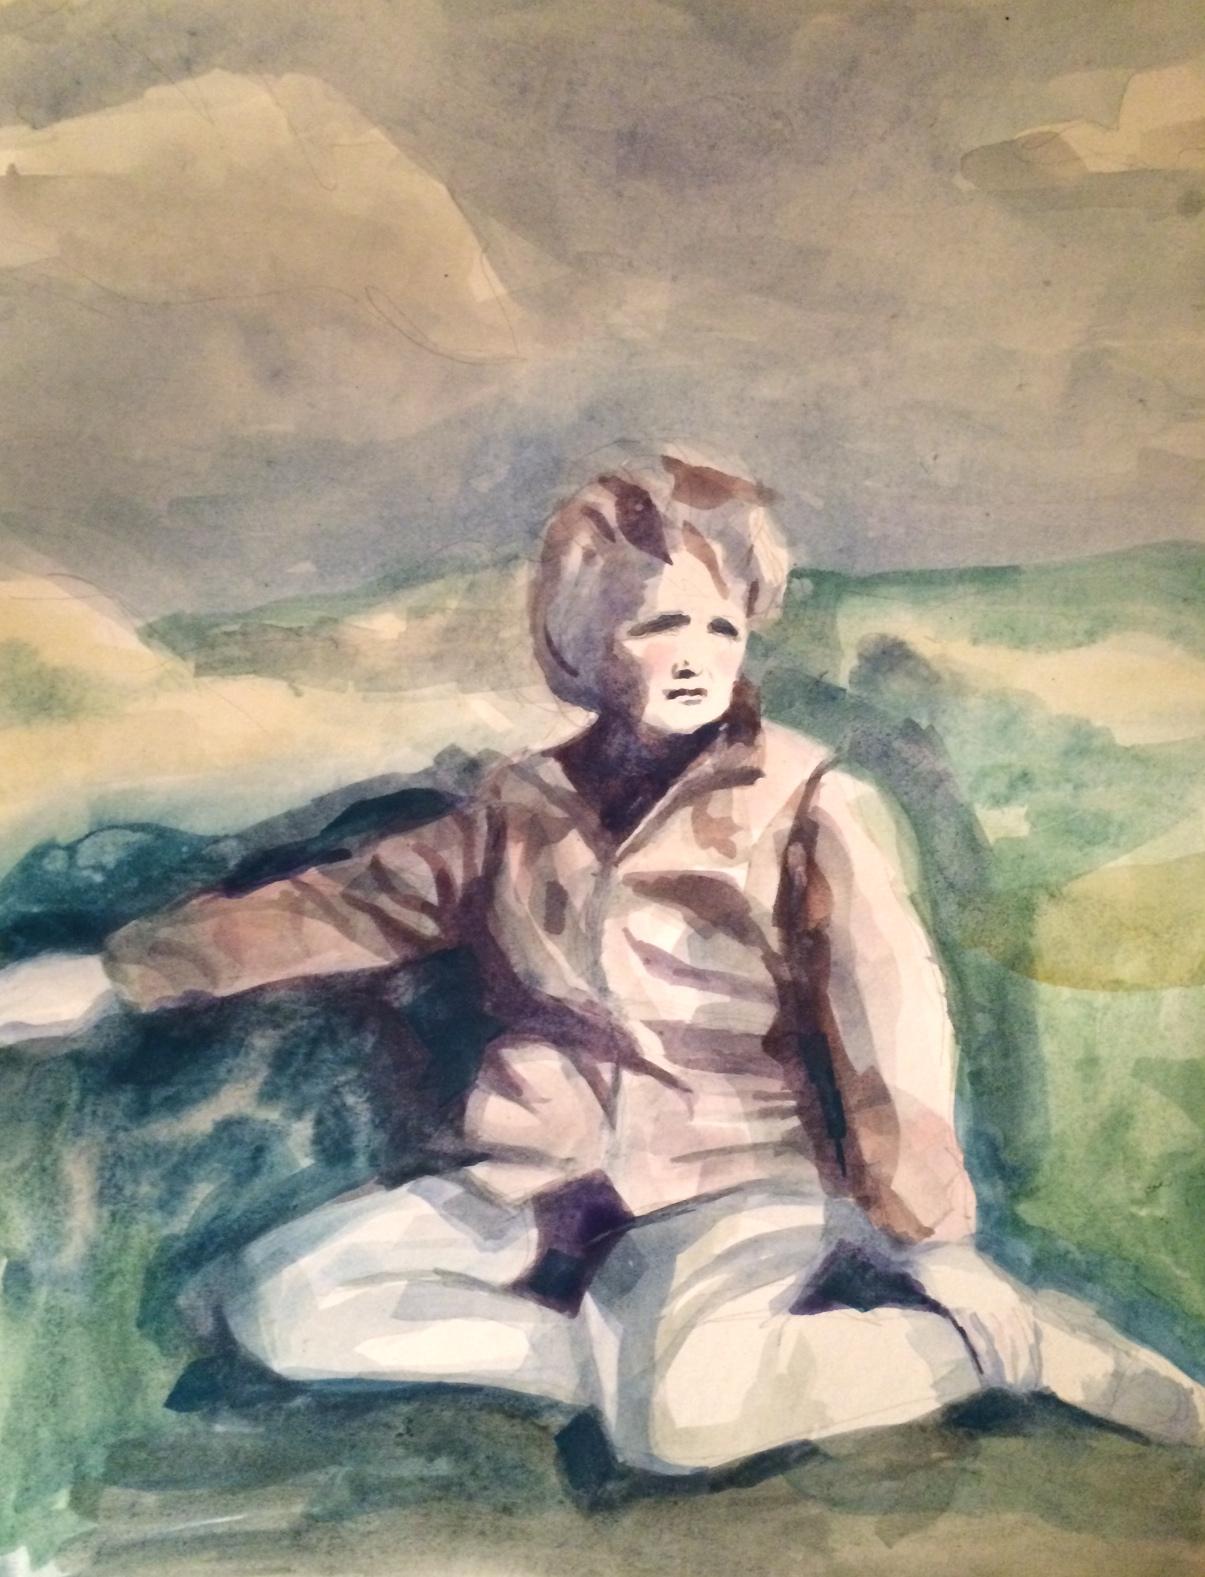 """DAPHNE DU MAURIER    watercolor on paper, 8 1/2 x 11"""", 2015"""